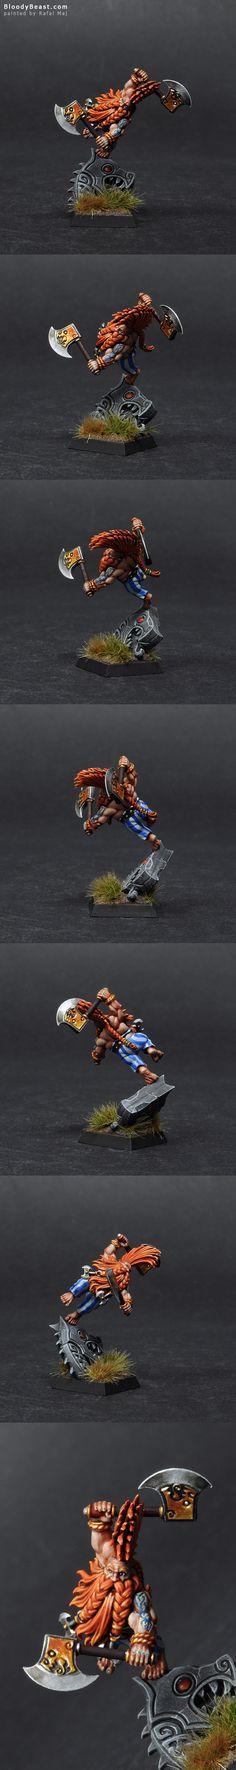 Dwarf Dragon Slayer #warhammer